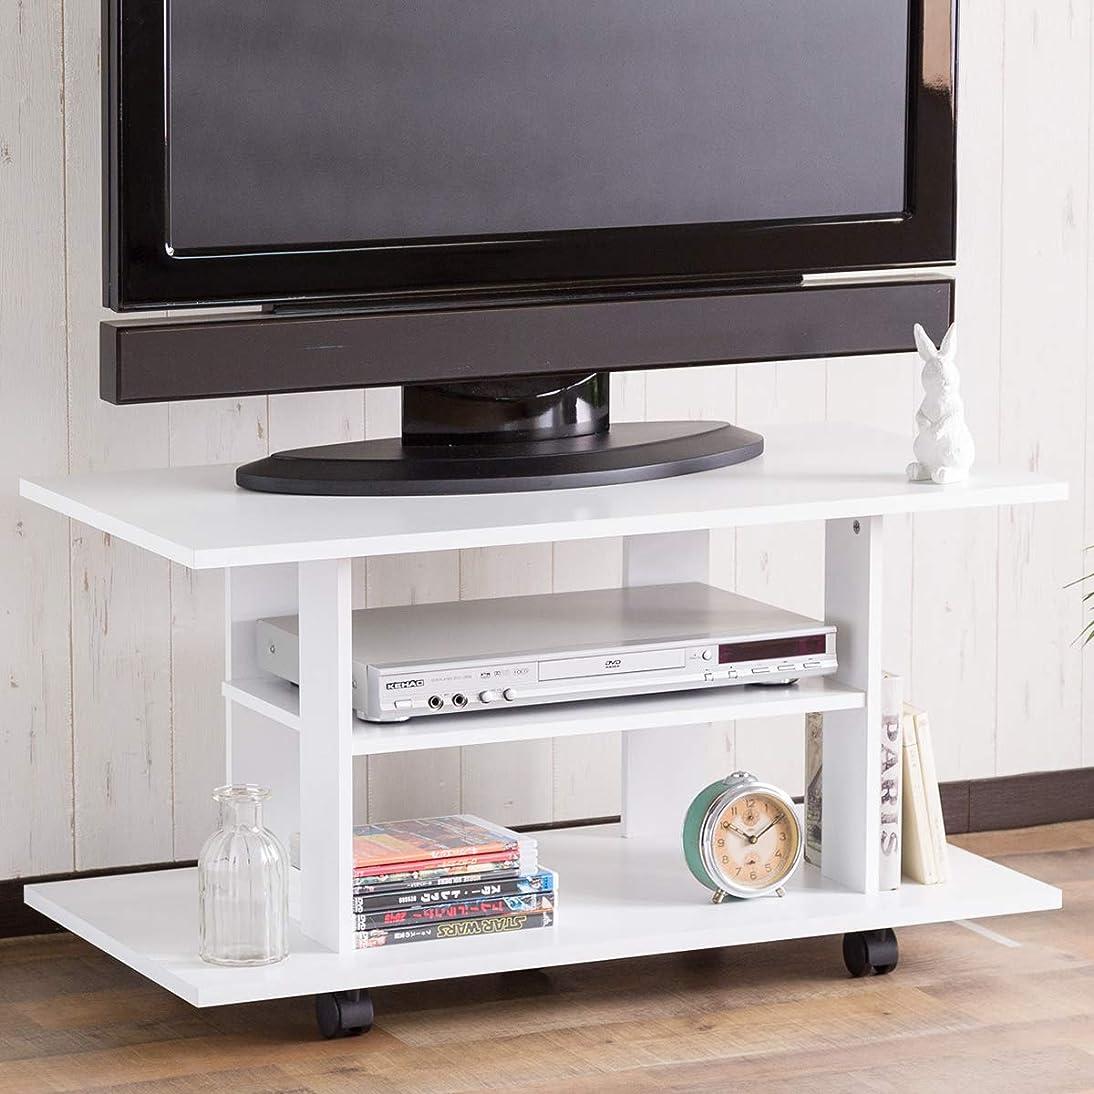 製作牧草地削減【どこにでも使いやすい設計サイズ】軽くて省スペーステレビボード(キャスター付き) 幅80cm 掃除しやすい移動式 オープン設計AV収納 32型対応 テーブルや棚にも使える (ホワイト色)